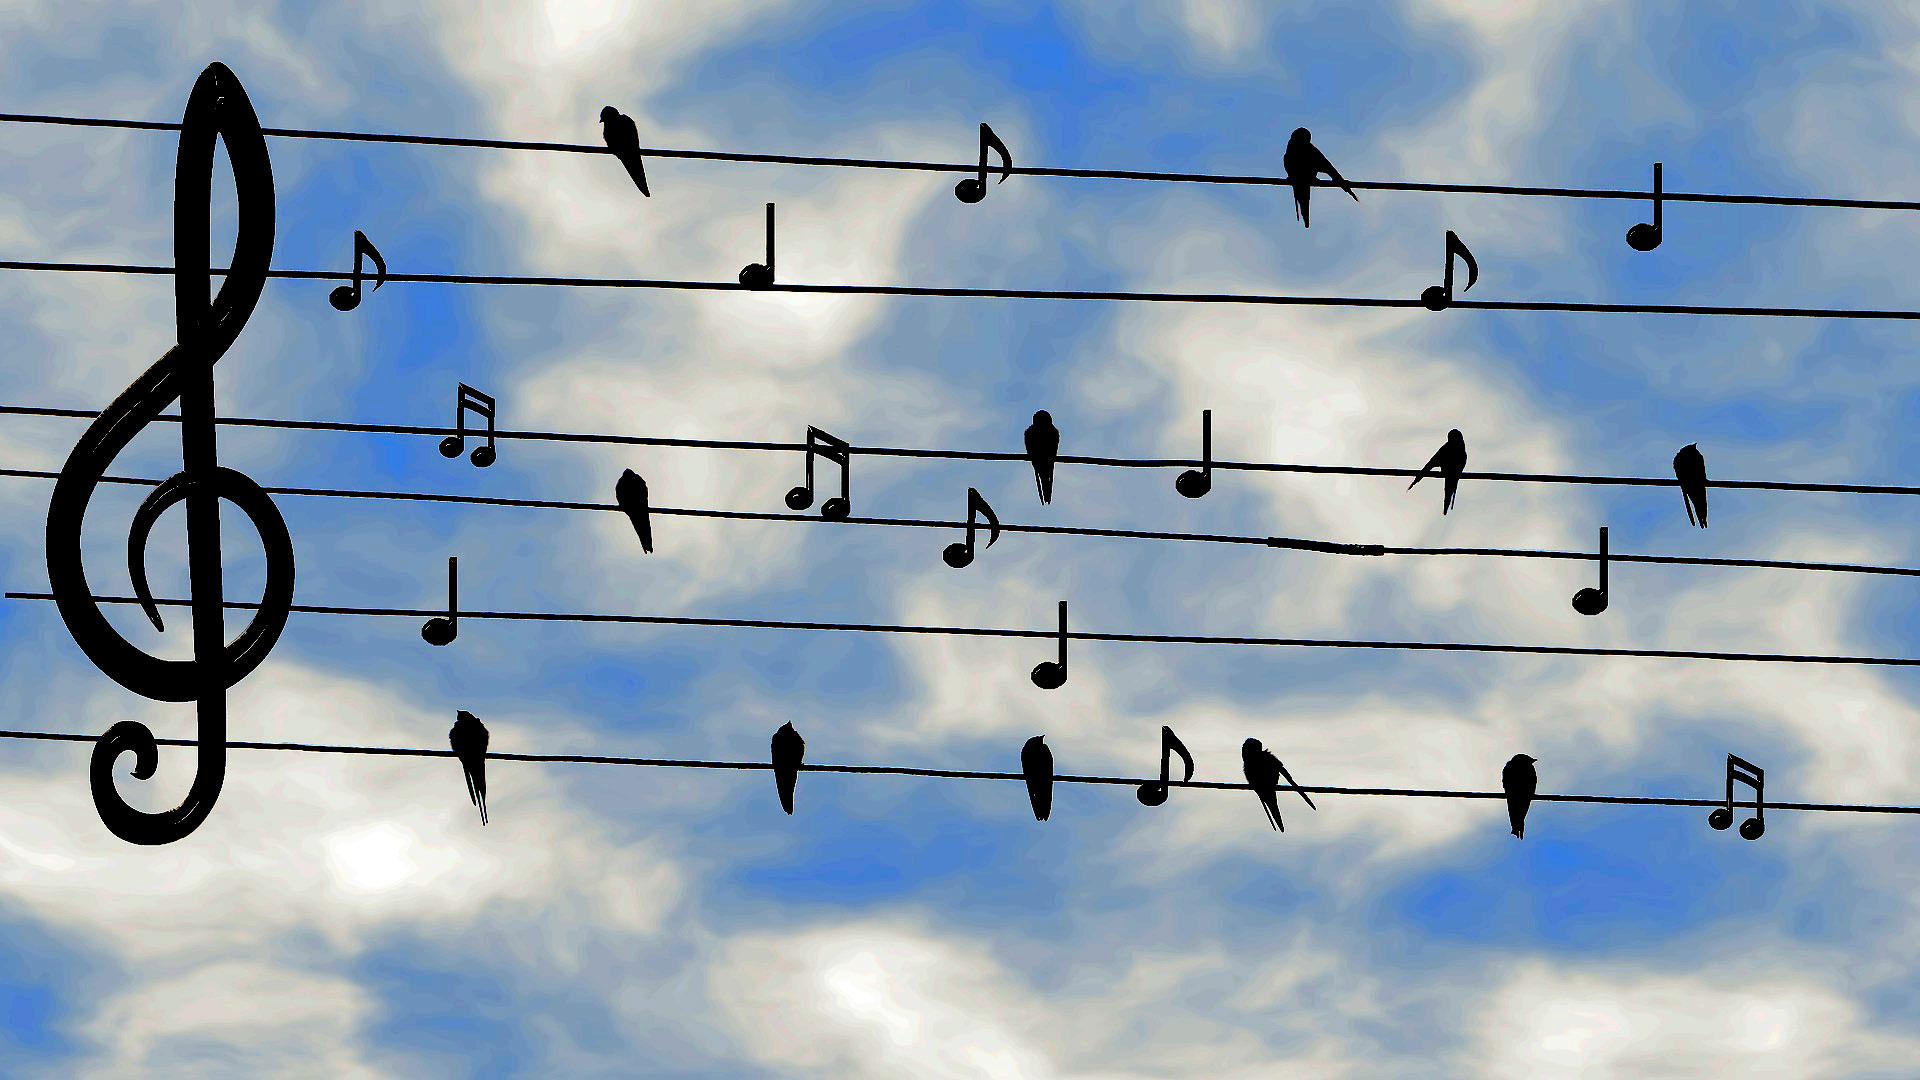 G03 Edukacja muzyczna wszkole iprzedszkolu